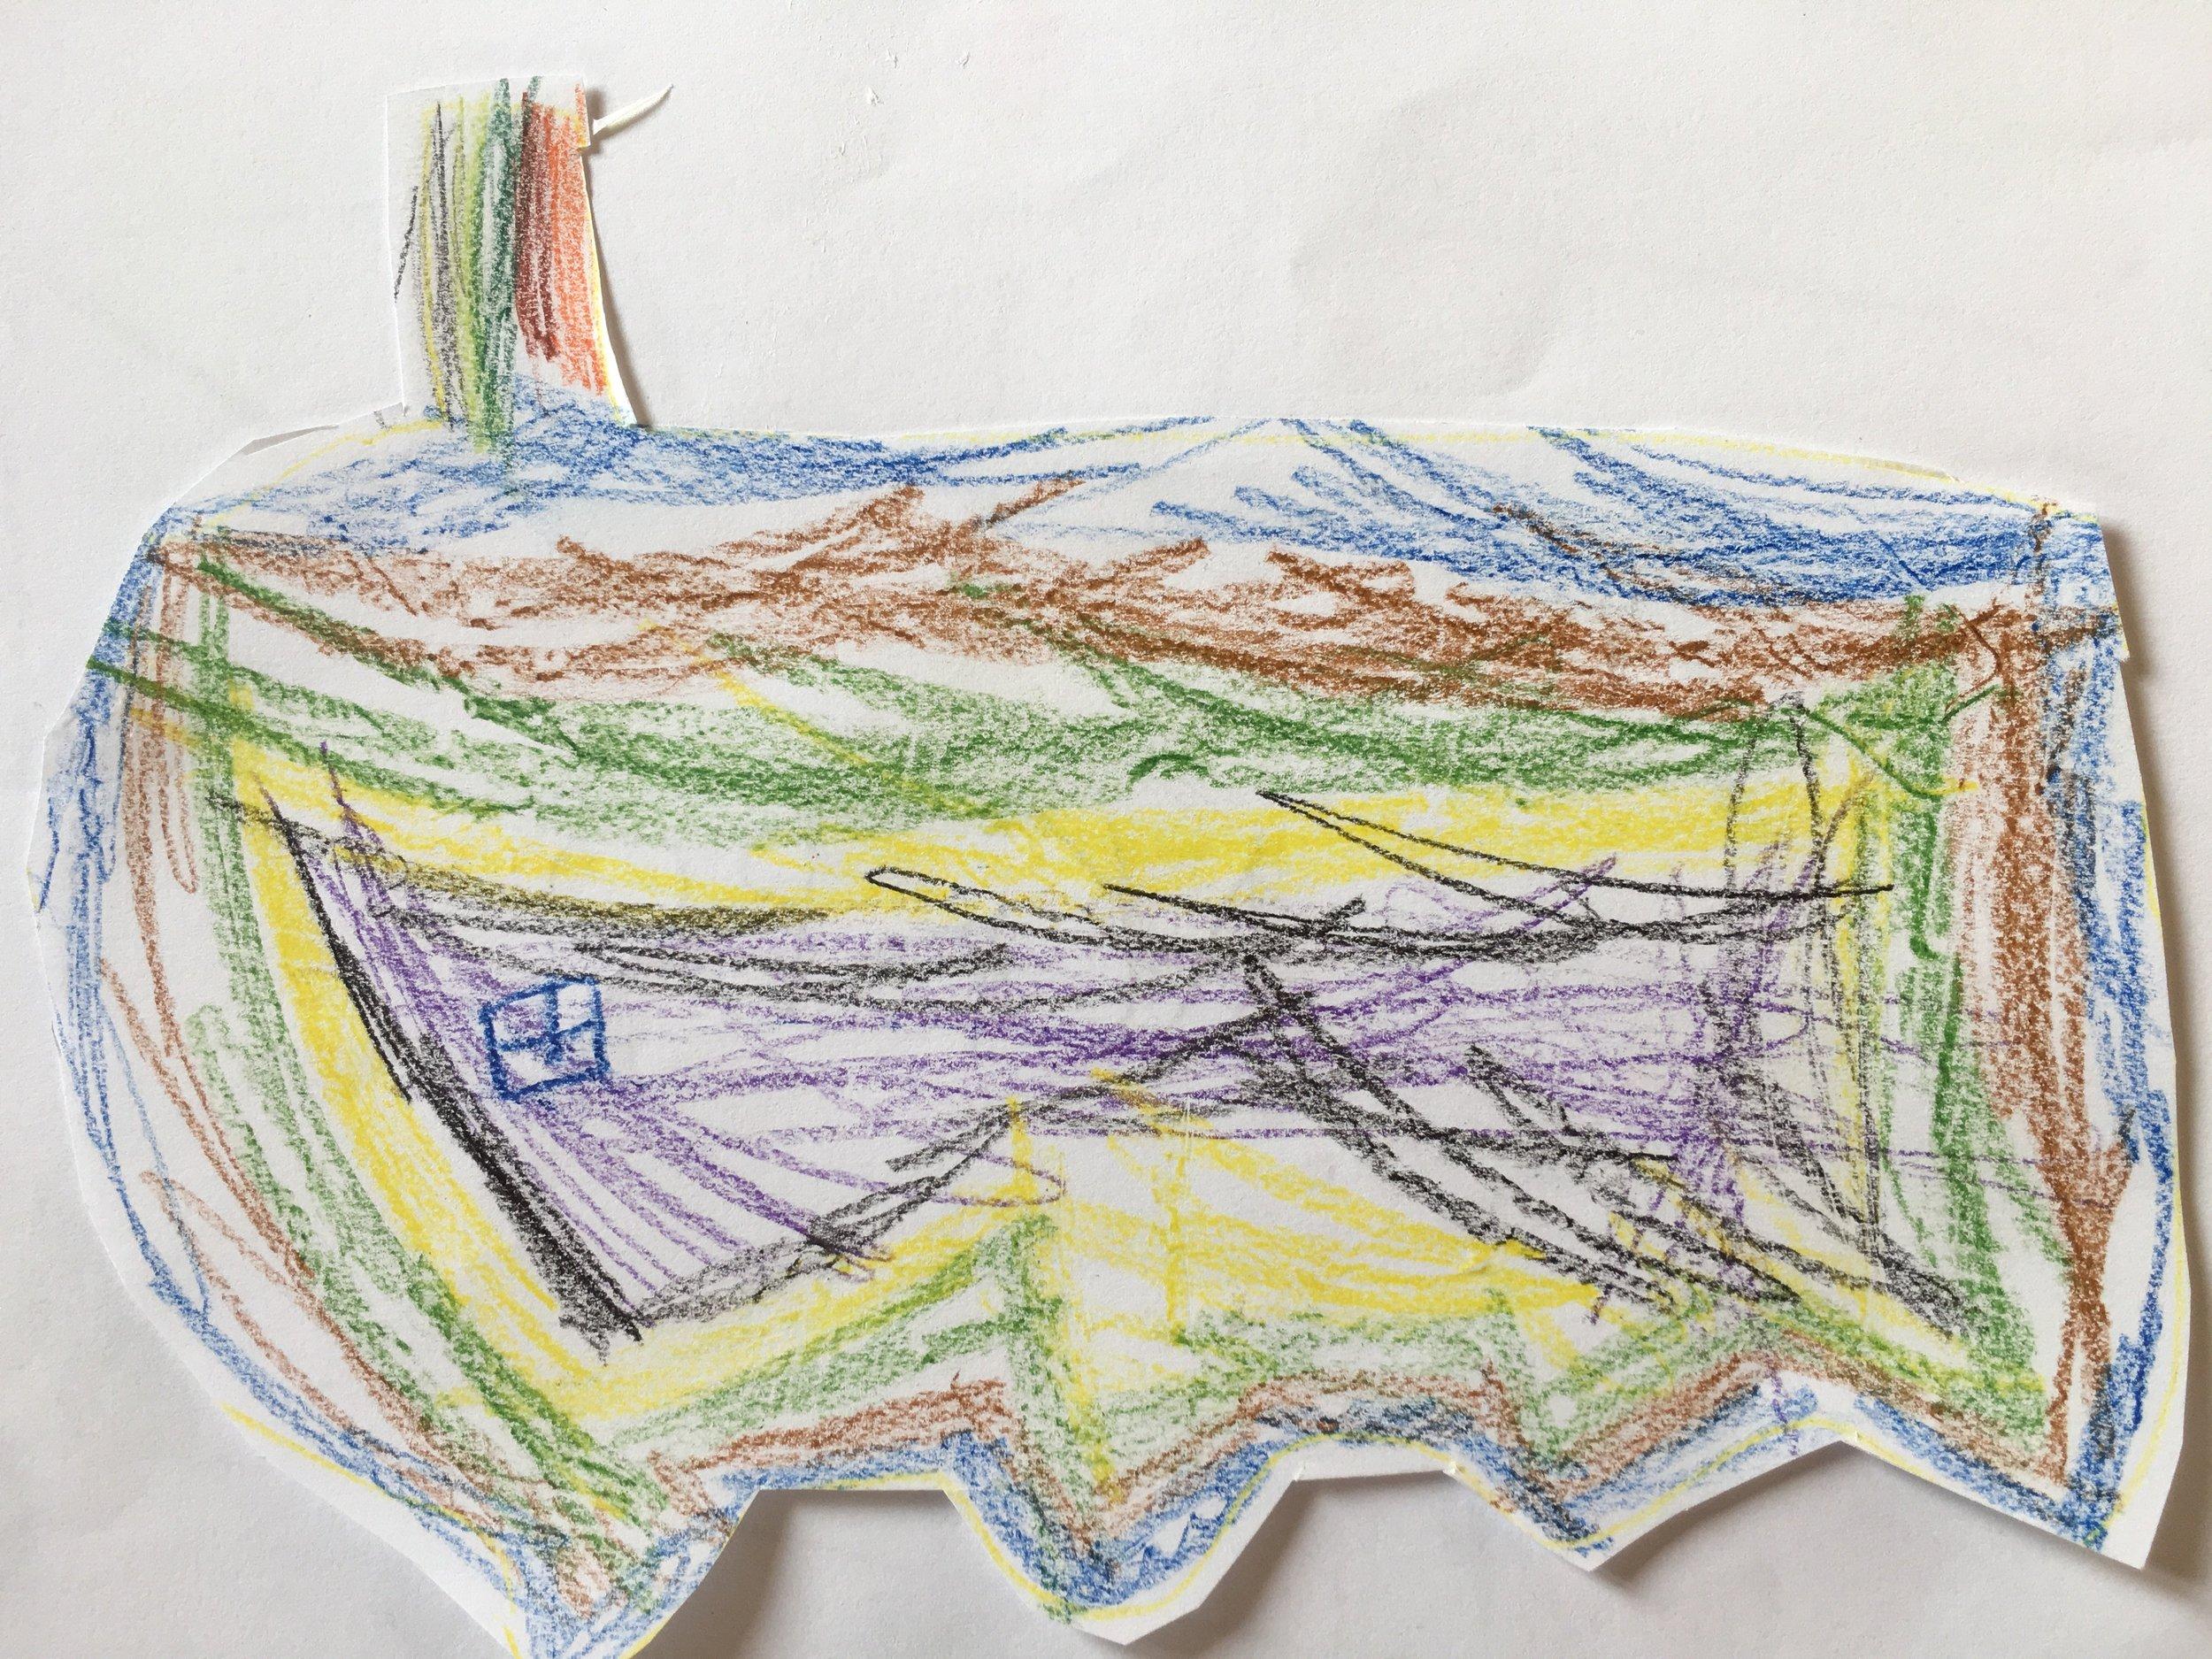 Autobus, Mädchen 5 Jahre, Kindergarten 1180 Wien